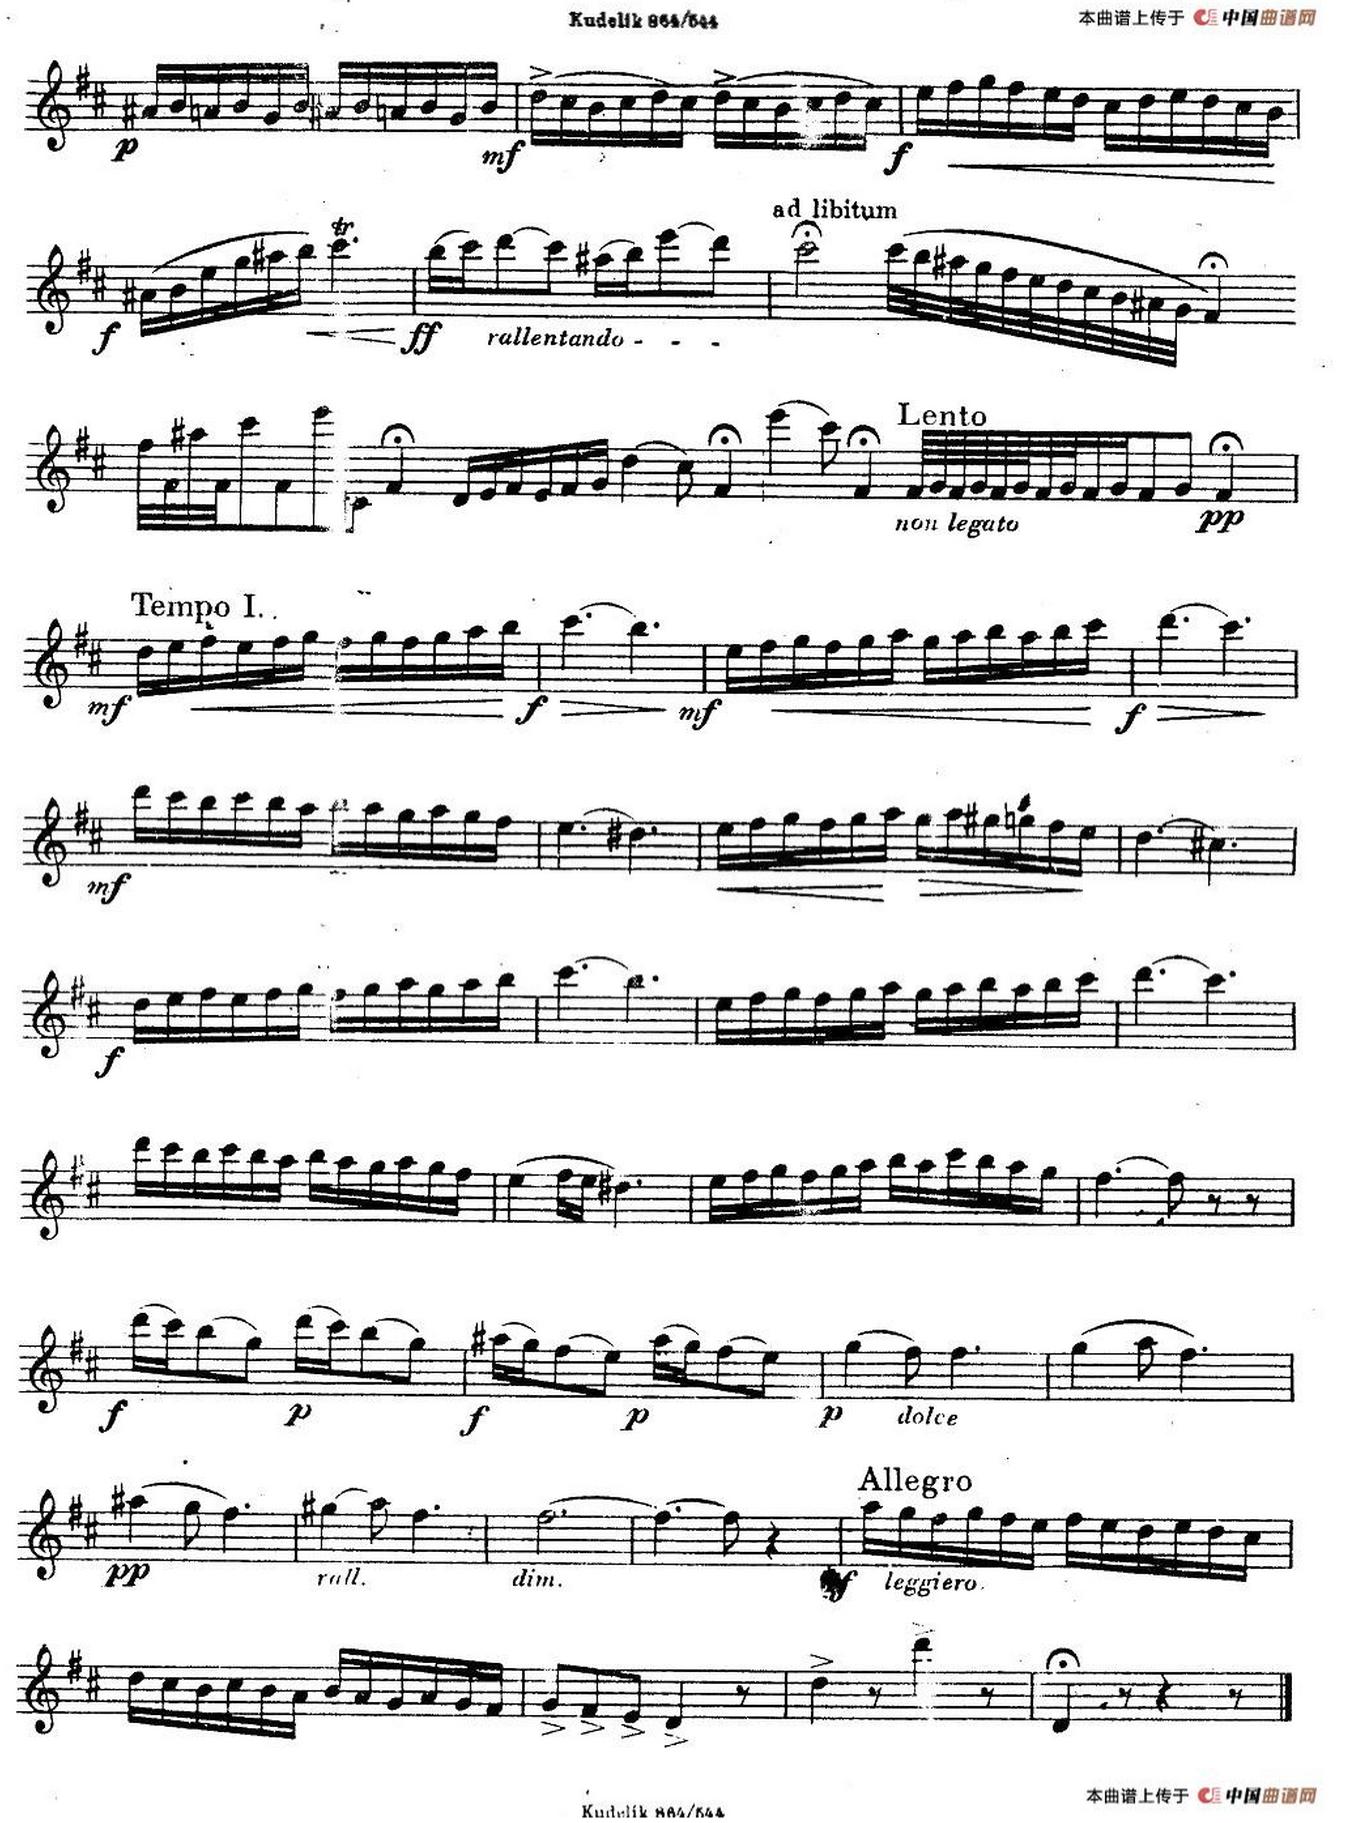 《奇特克萨克斯练习曲之三》 萨克斯简谱第2张